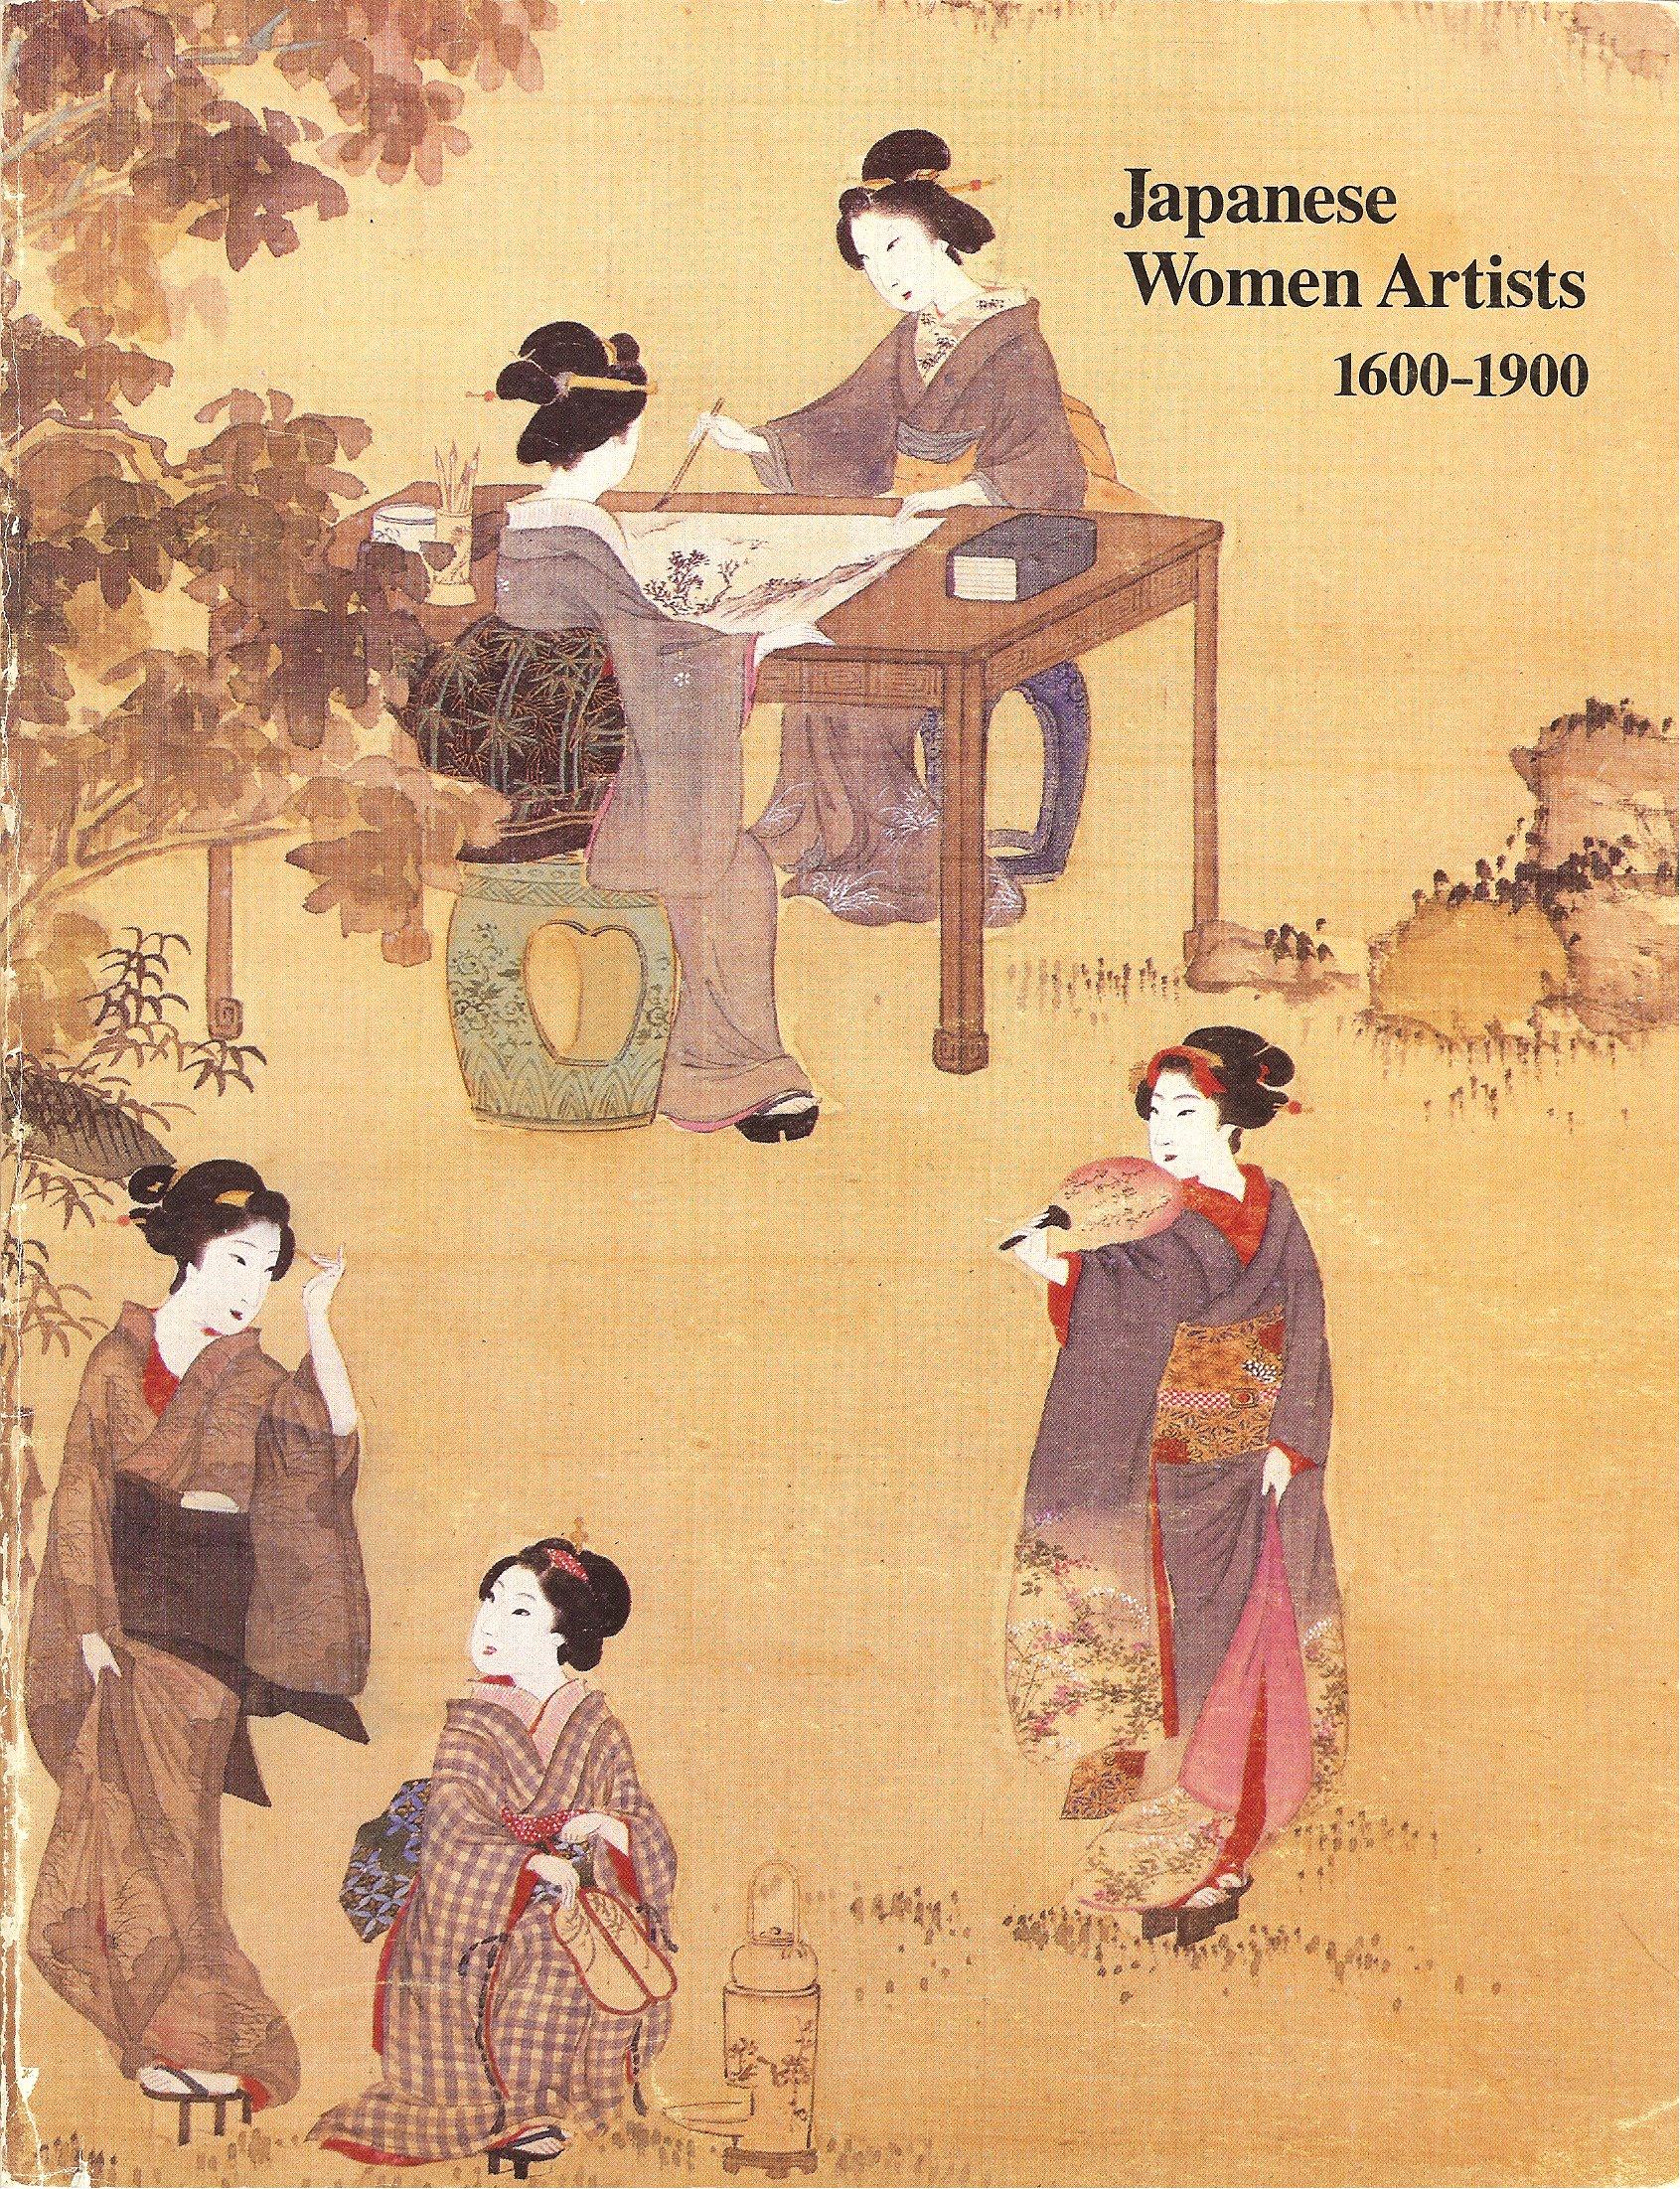 Japanese Women Artists, 1600-1900